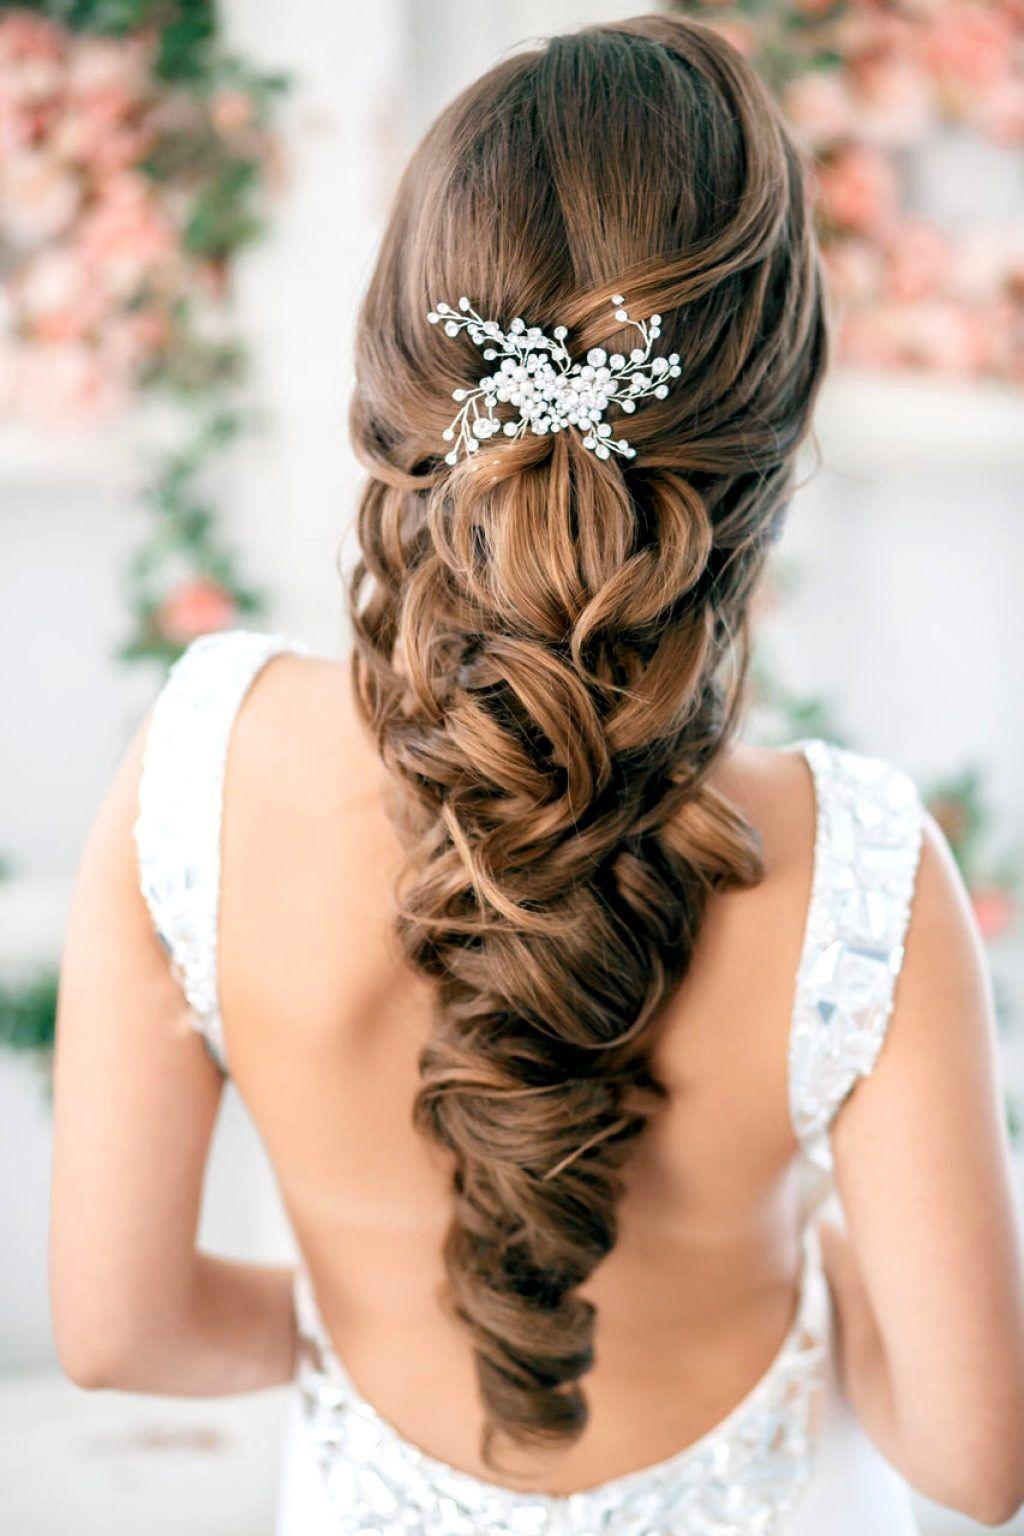 16 Peinados que te harán ver hermosa en tu vestido de novia | Novio ...